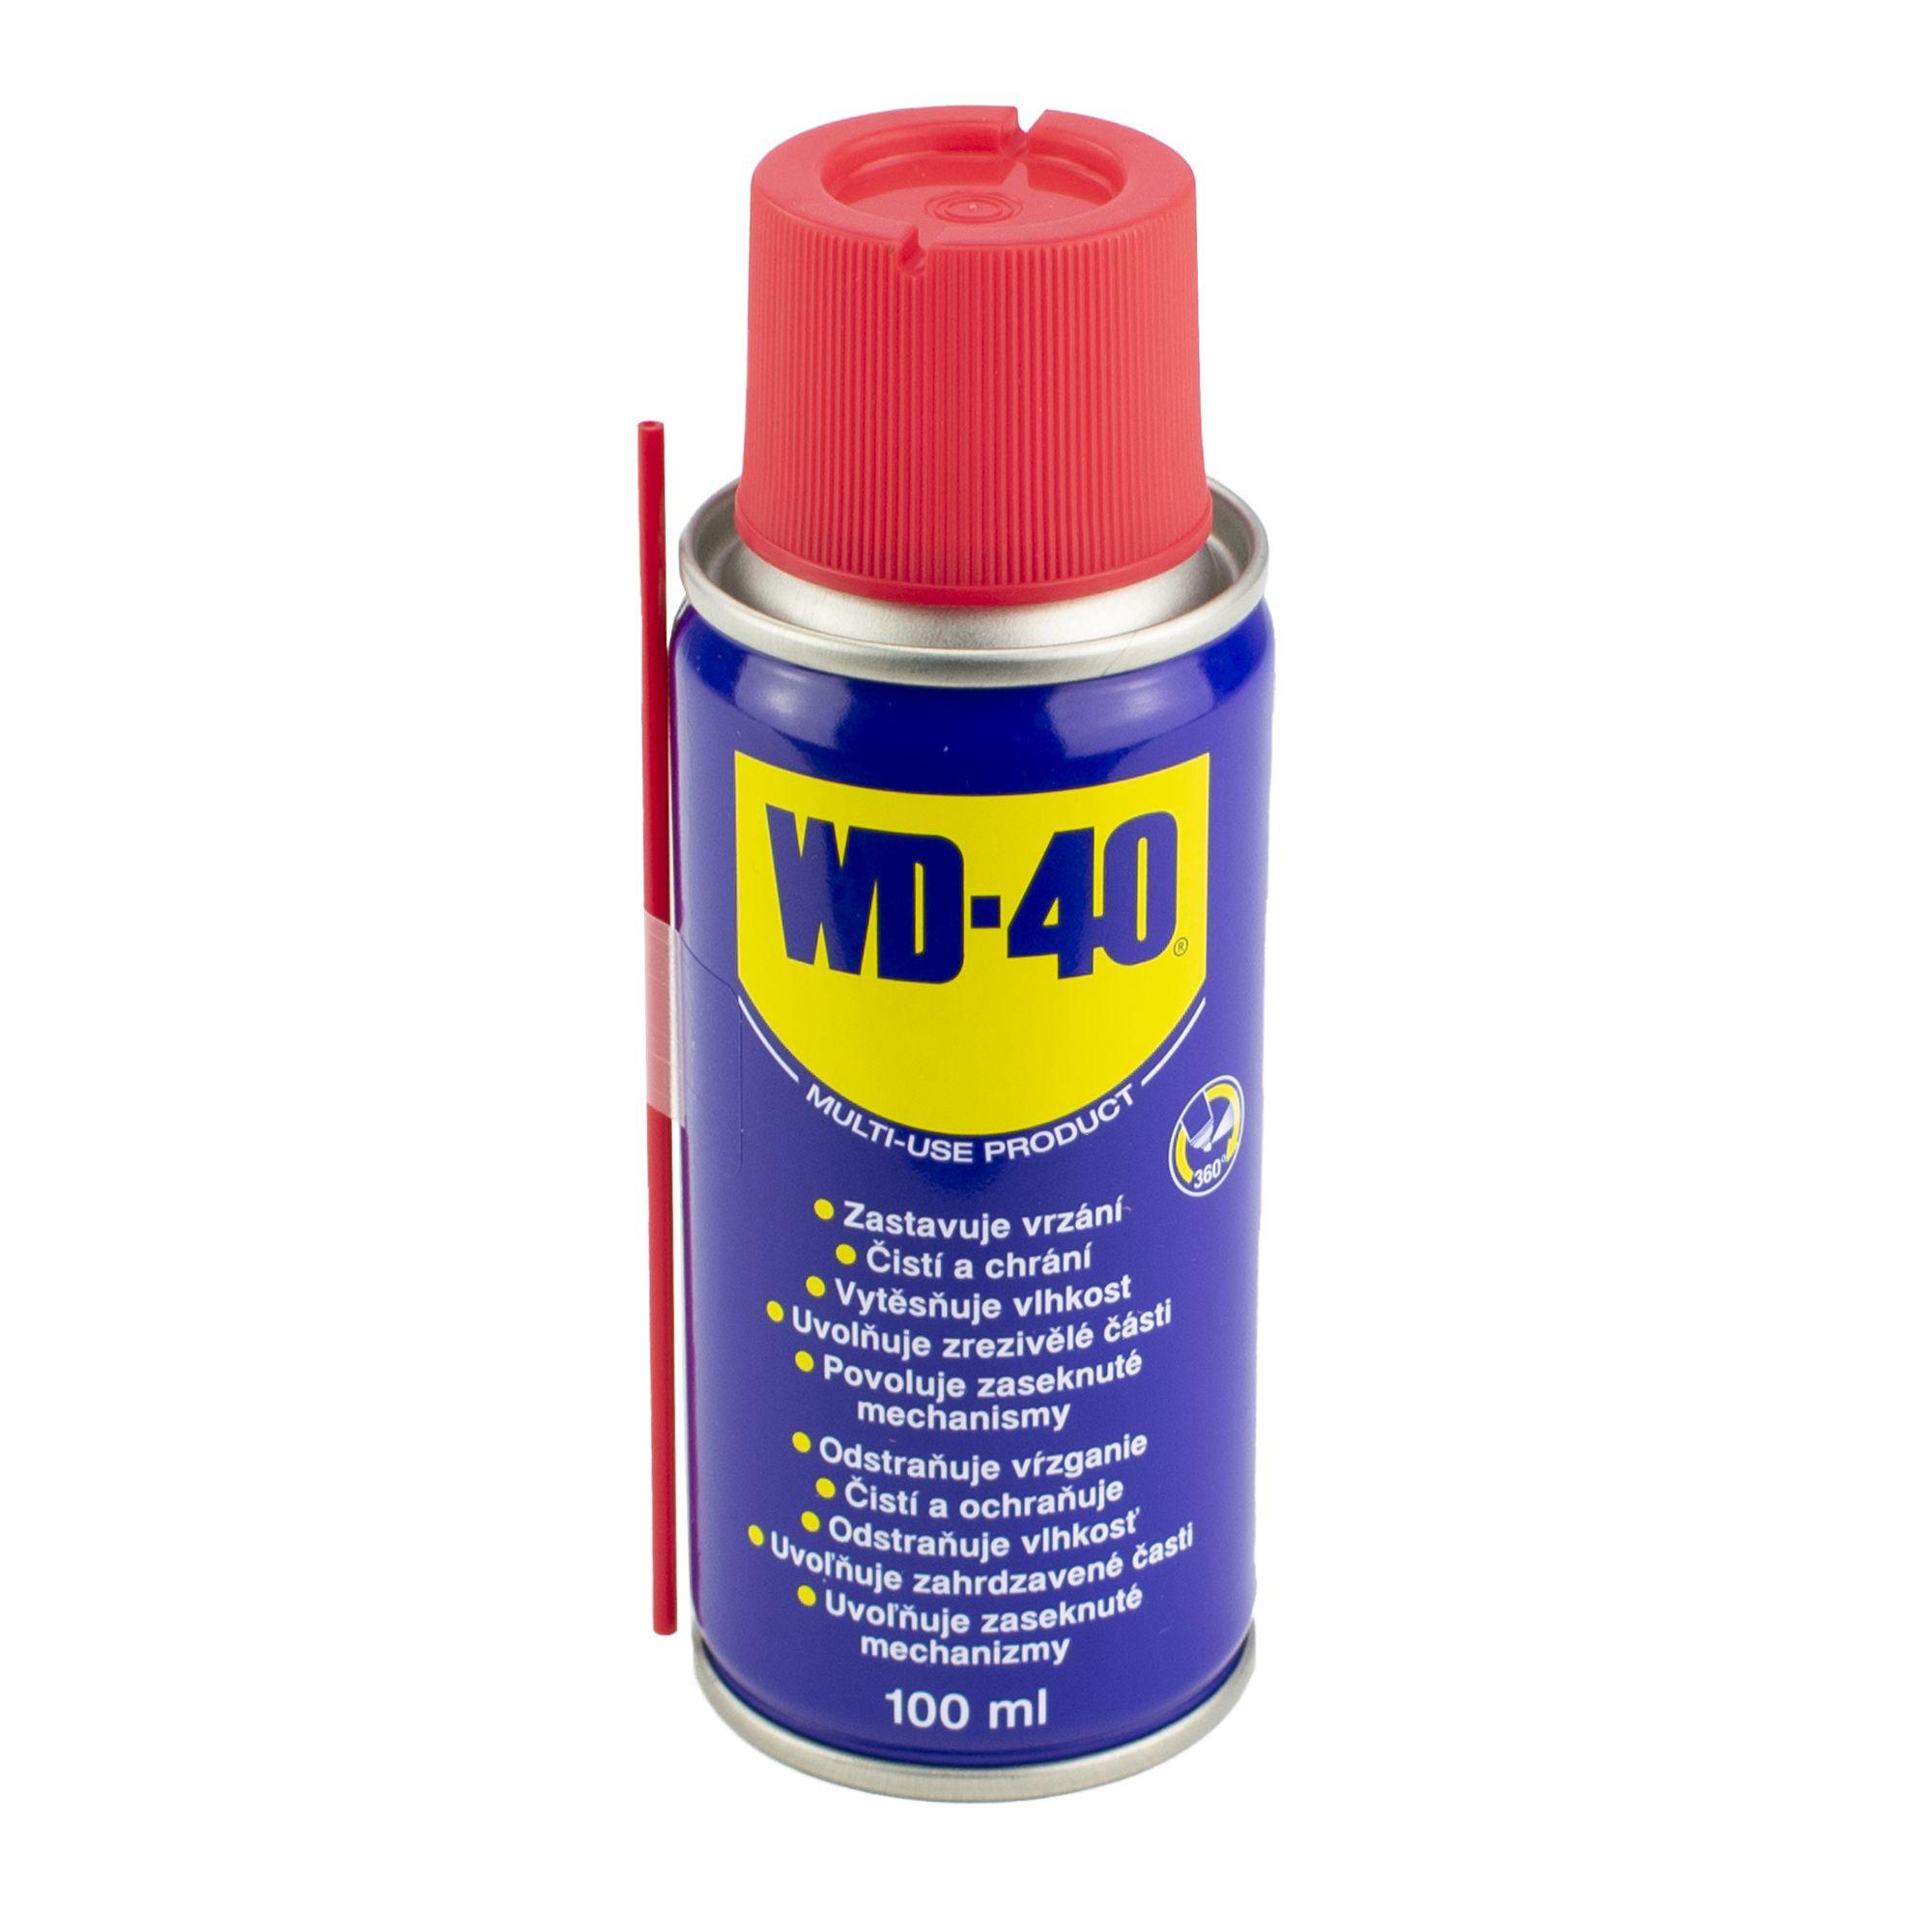 WD-40 univerzální mazací olej, objem 100ml